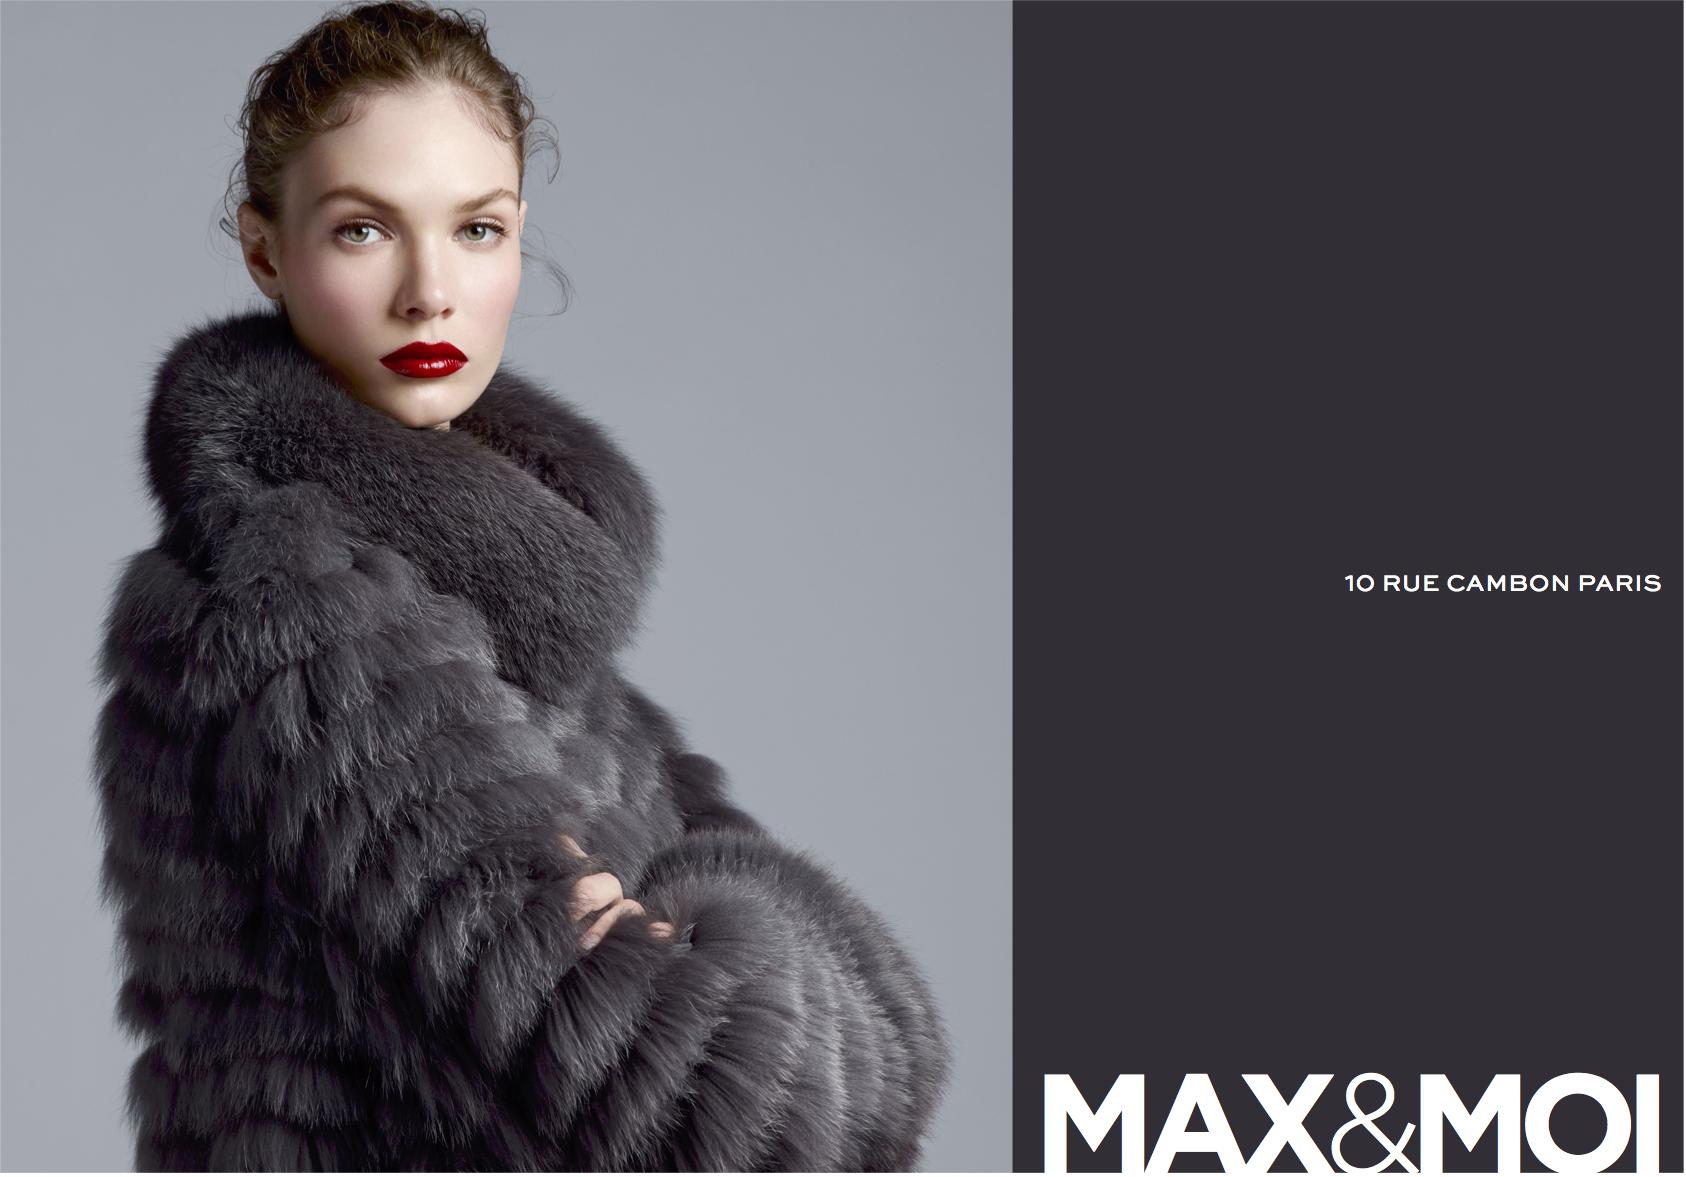 Branding Max&Moi